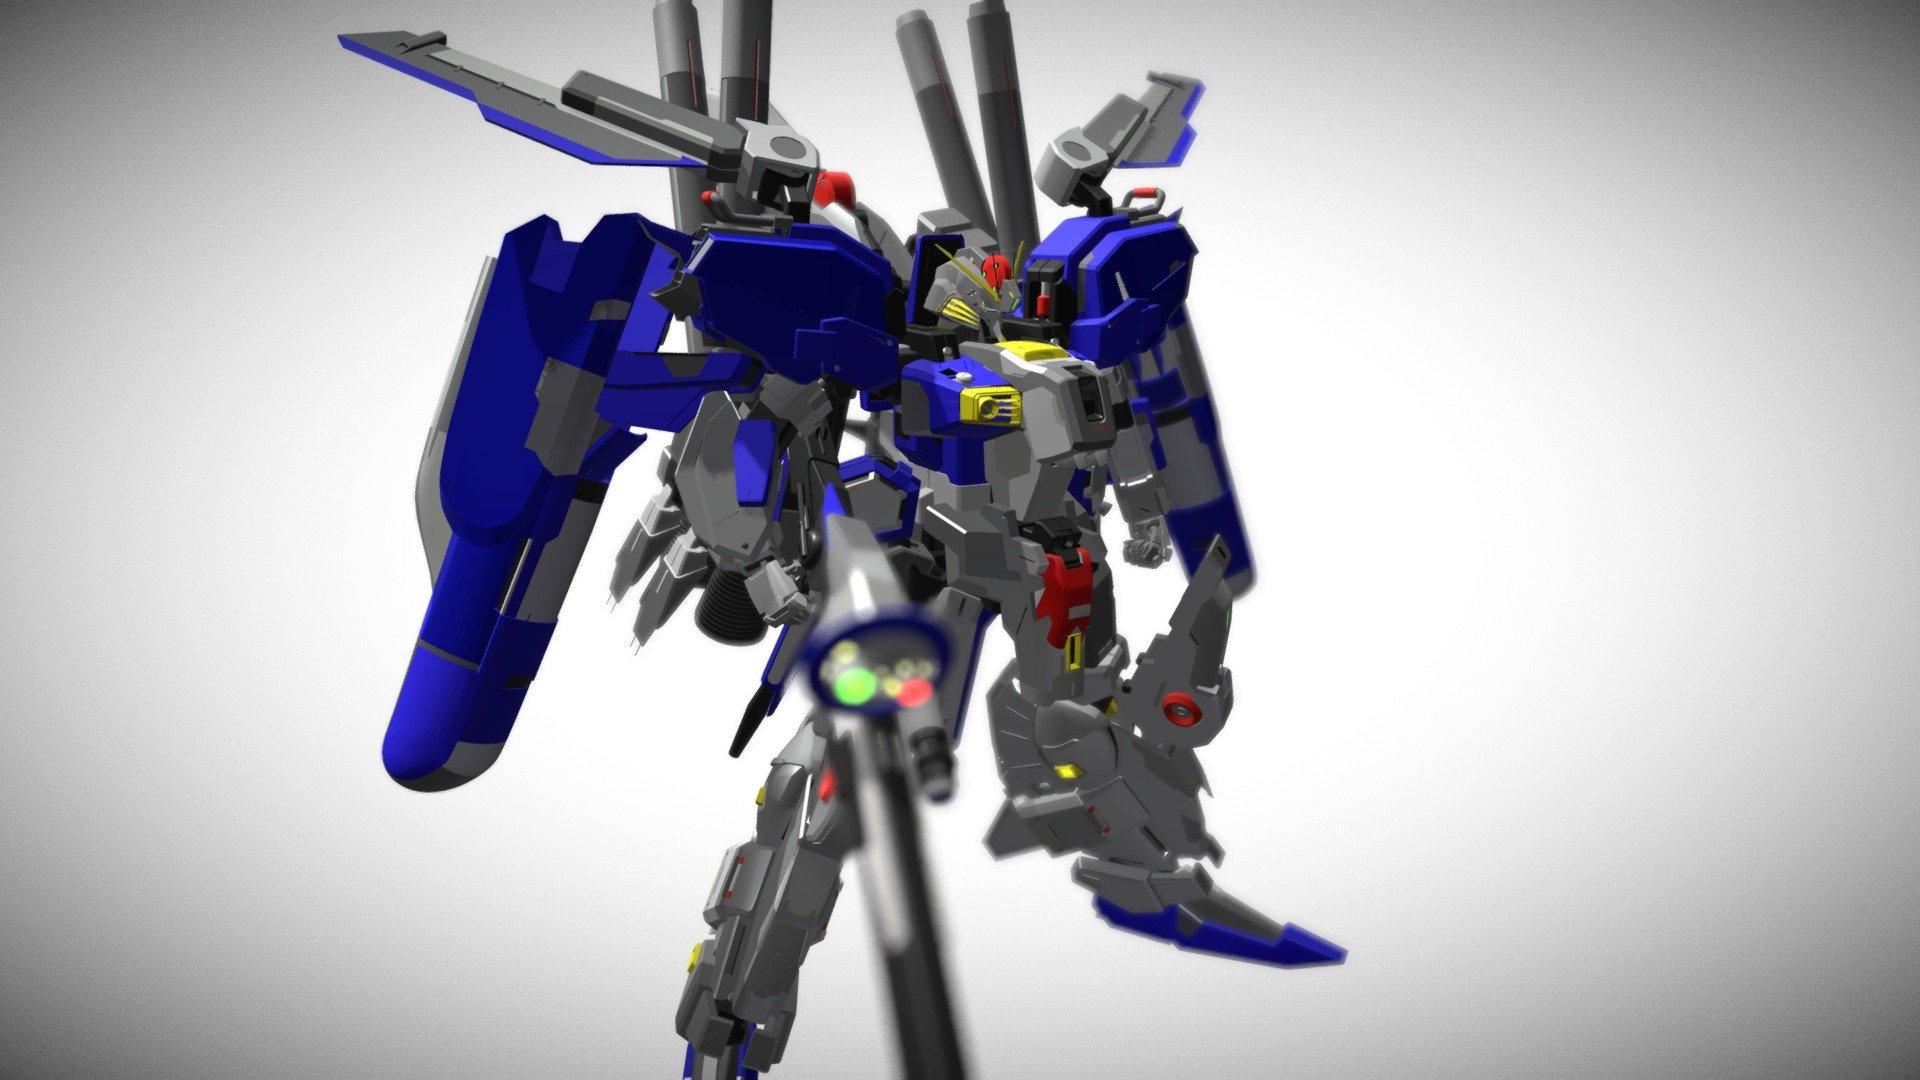 Msa 0011 Ext Ex S Gundam 3d Model By Smartboy Smartboy 24b4e4a Sketchfab